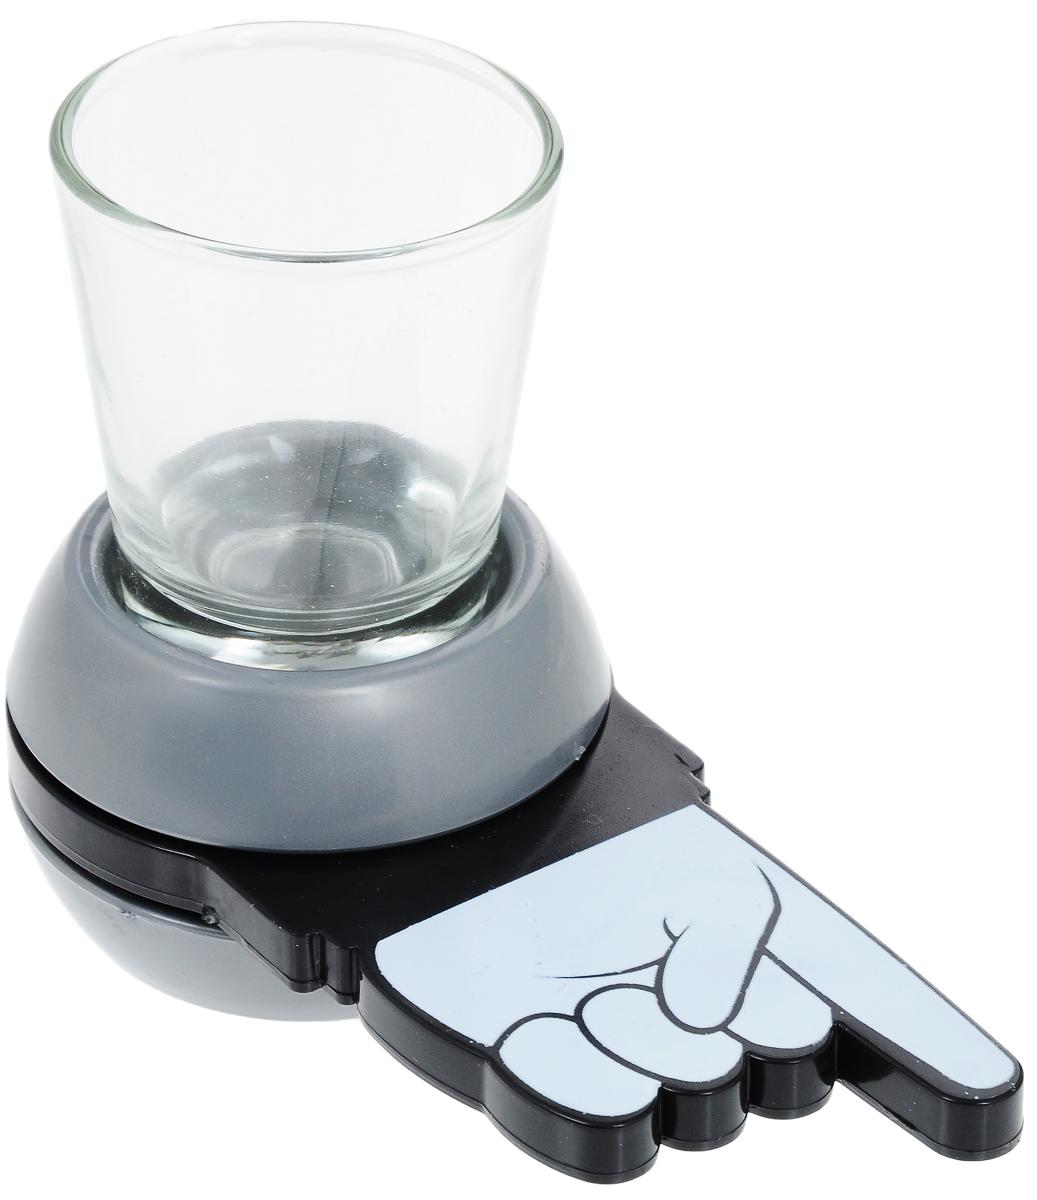 Настольная игра для взрослых Феникс-Презент Пьяный волчок40653Настольная игра для взрослых Феникс-Презент Пьяный волчок разнообразит вашу вечеринку, сделает ее веселой и оригинальной. Игра включает специальный волчок и стеклянную стопку. Веселая игра похожа на бутылочку. Налейте в стопку ваш любимый напиток, крутите стрелку, на кого укажет, тот и пьет. Единственное, что вам нужно в этой игре, ваш любимый напиток и веселые друзья. Размер волчка: 12,6 х 6 х 4 см. Диаметр стопки (по верхнему краю): 5 см. Высота стопки: 6 см.